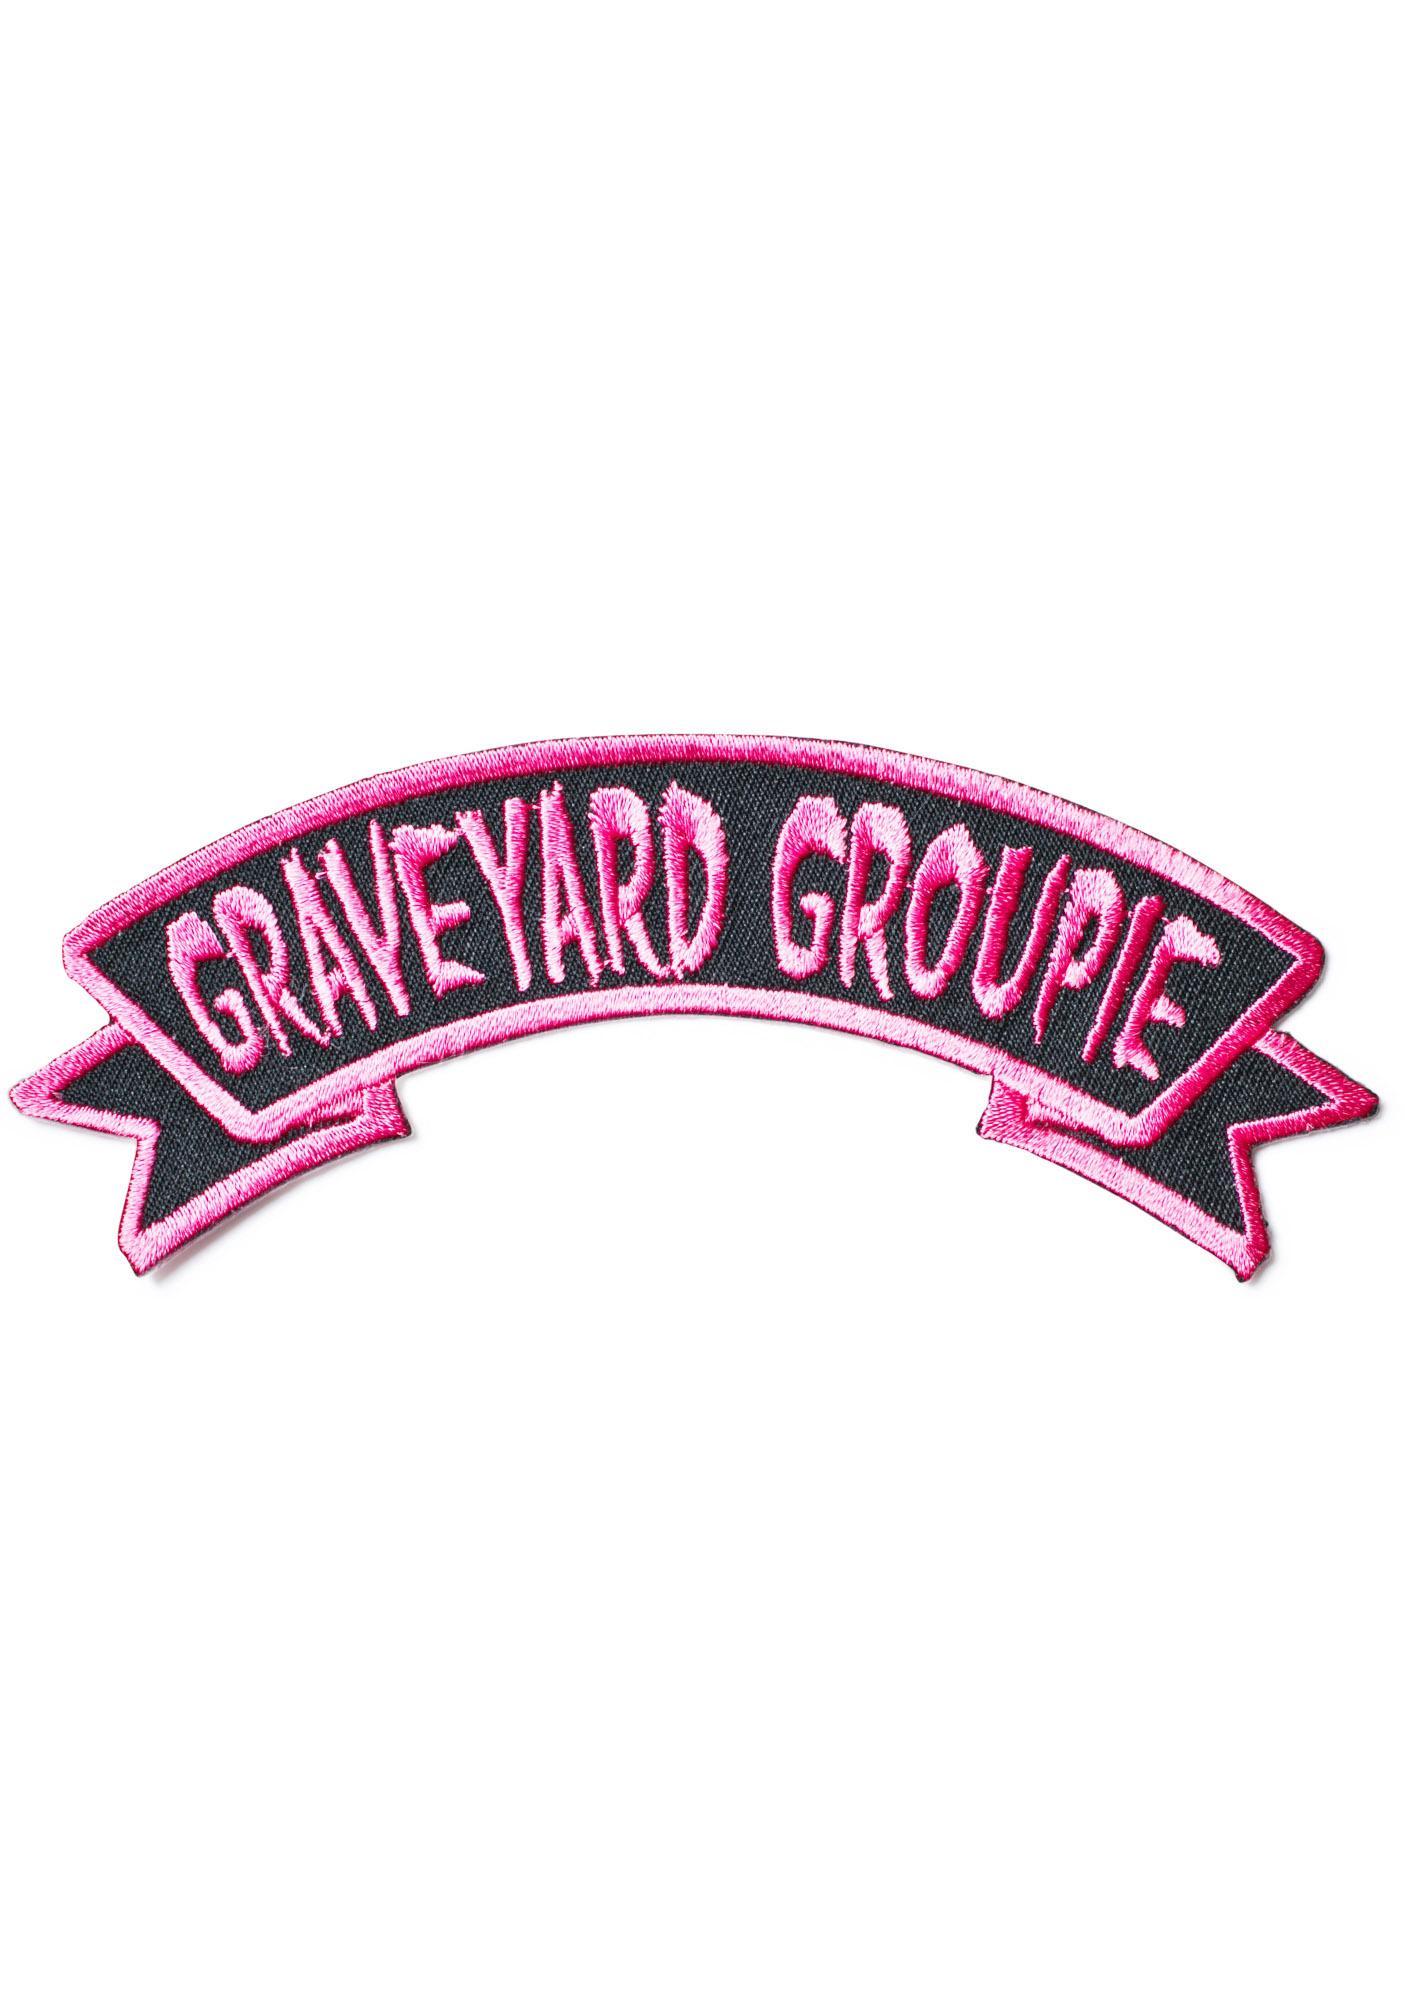 Kreepsville 666 Arch Graveyard Groupie Patch